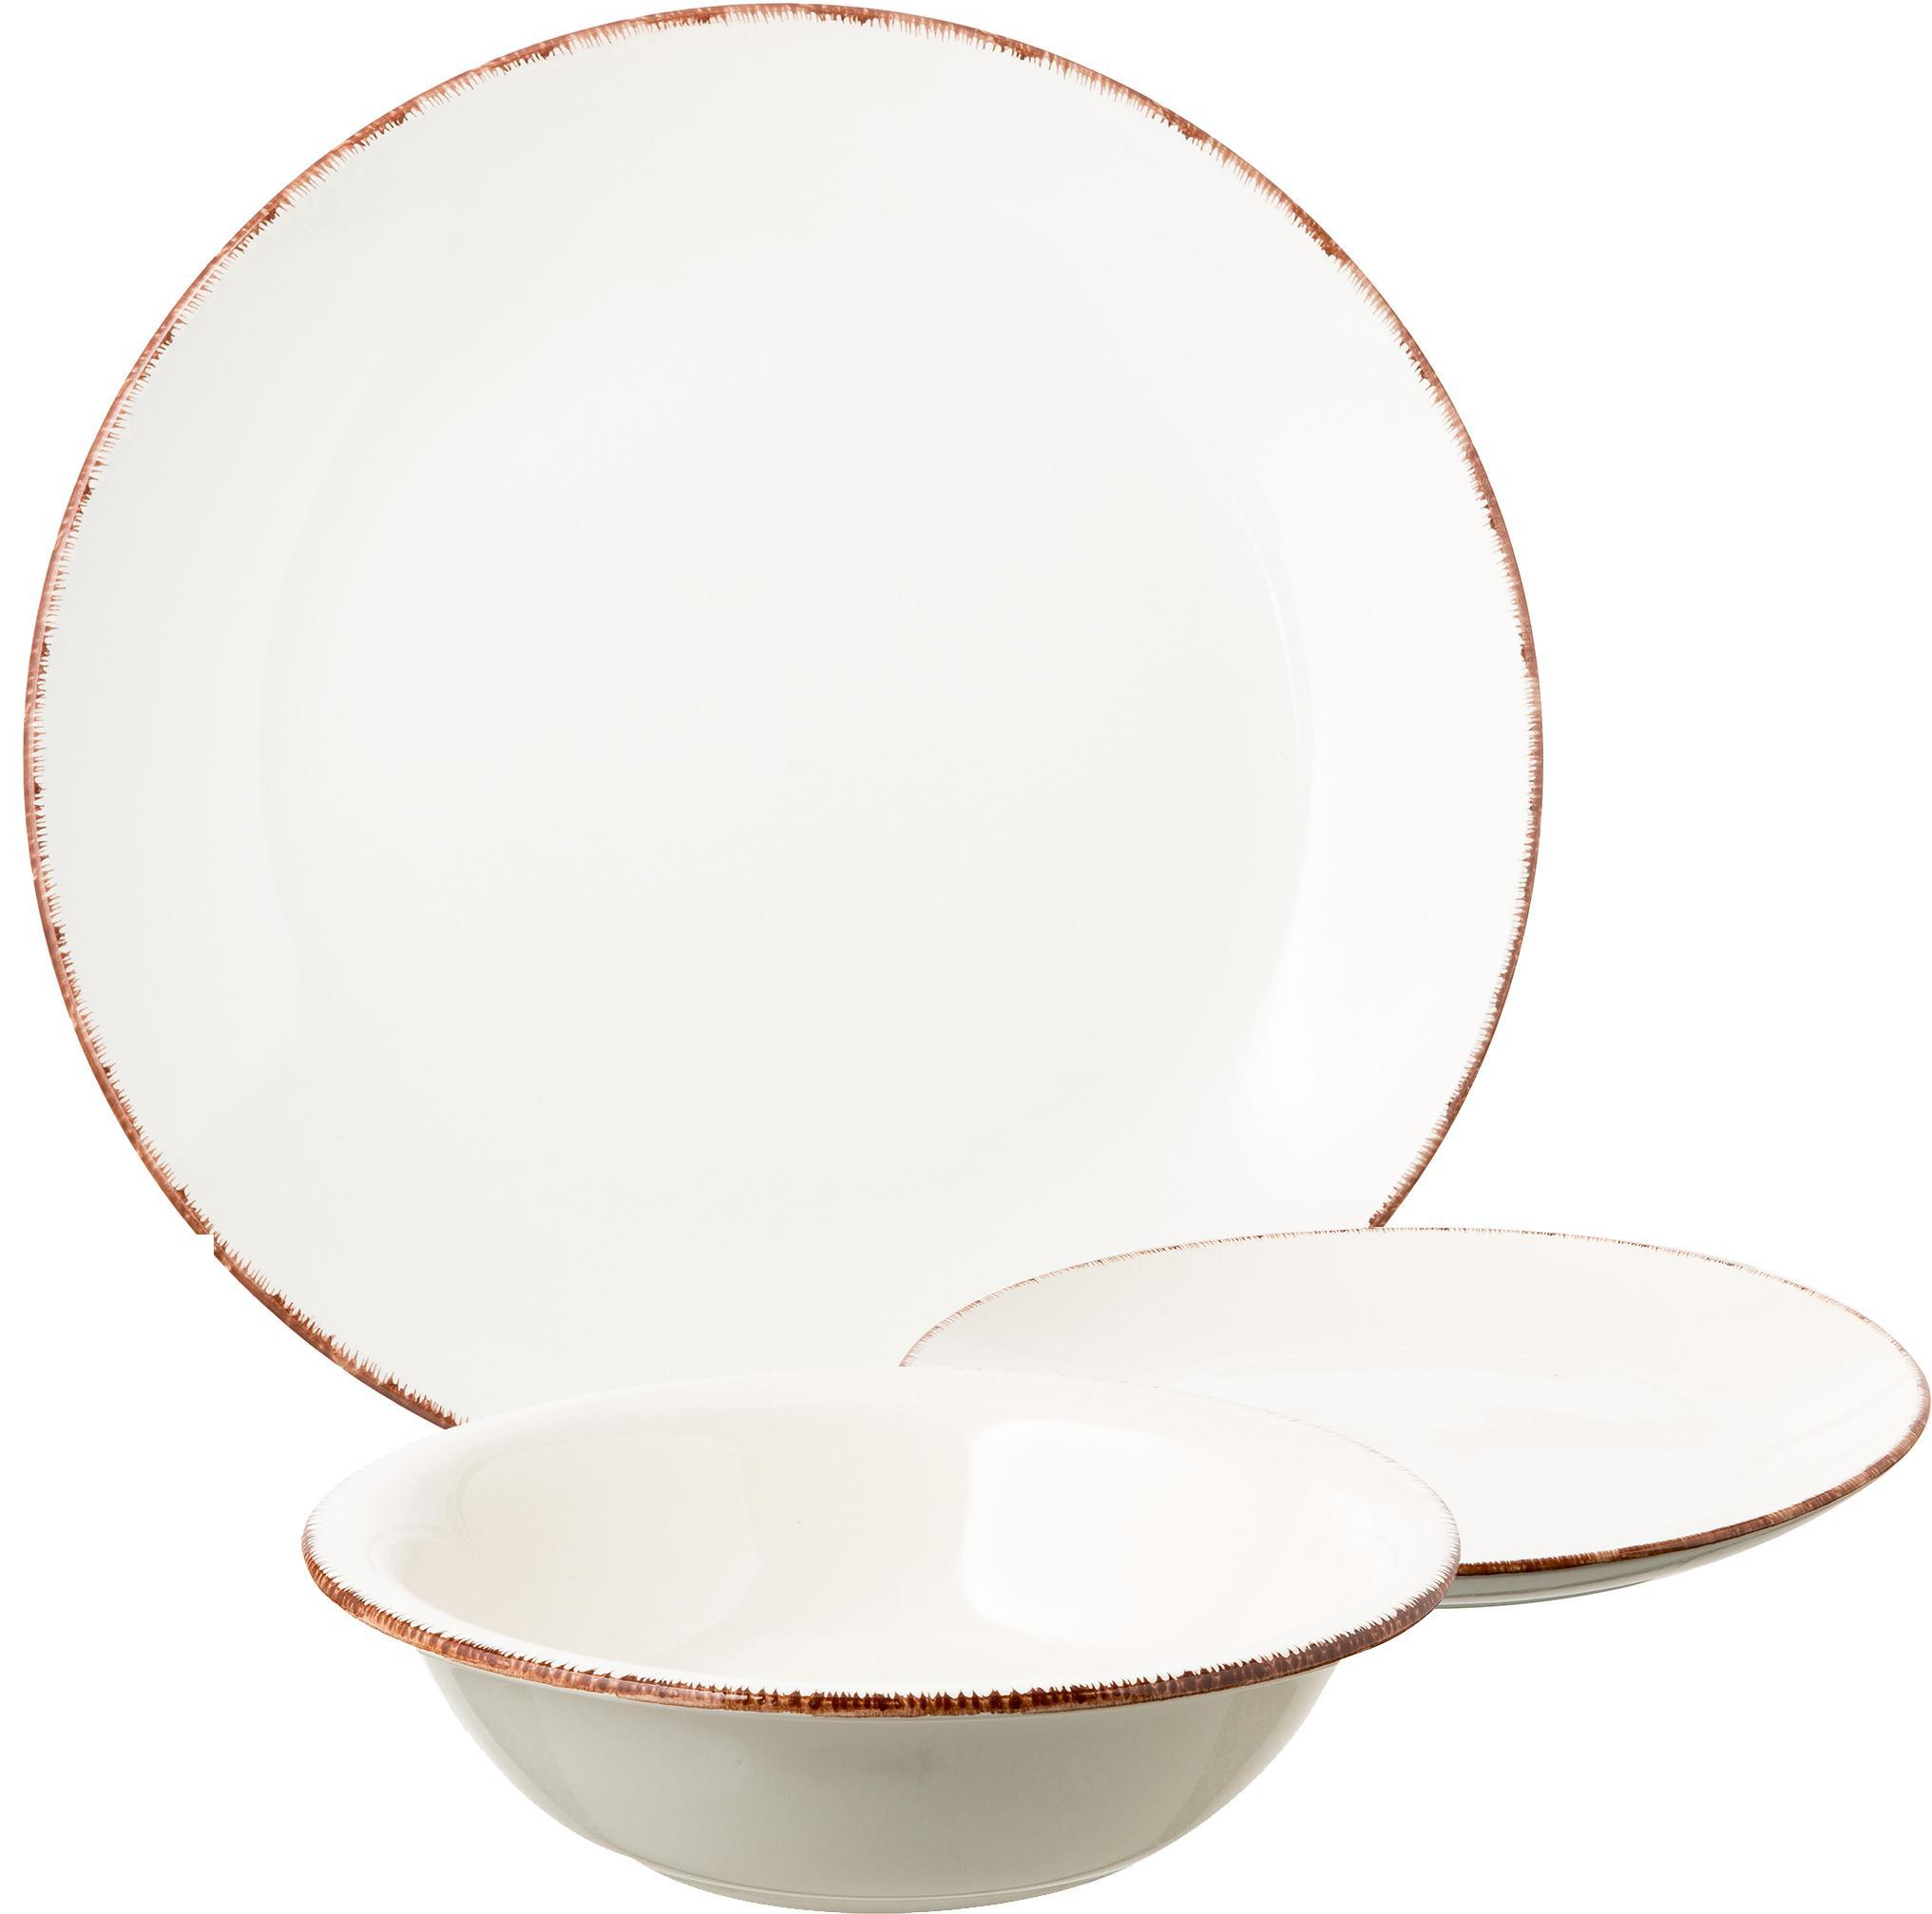 Service de table pastel Baita, 6personnes (18élém.), Tons pastel